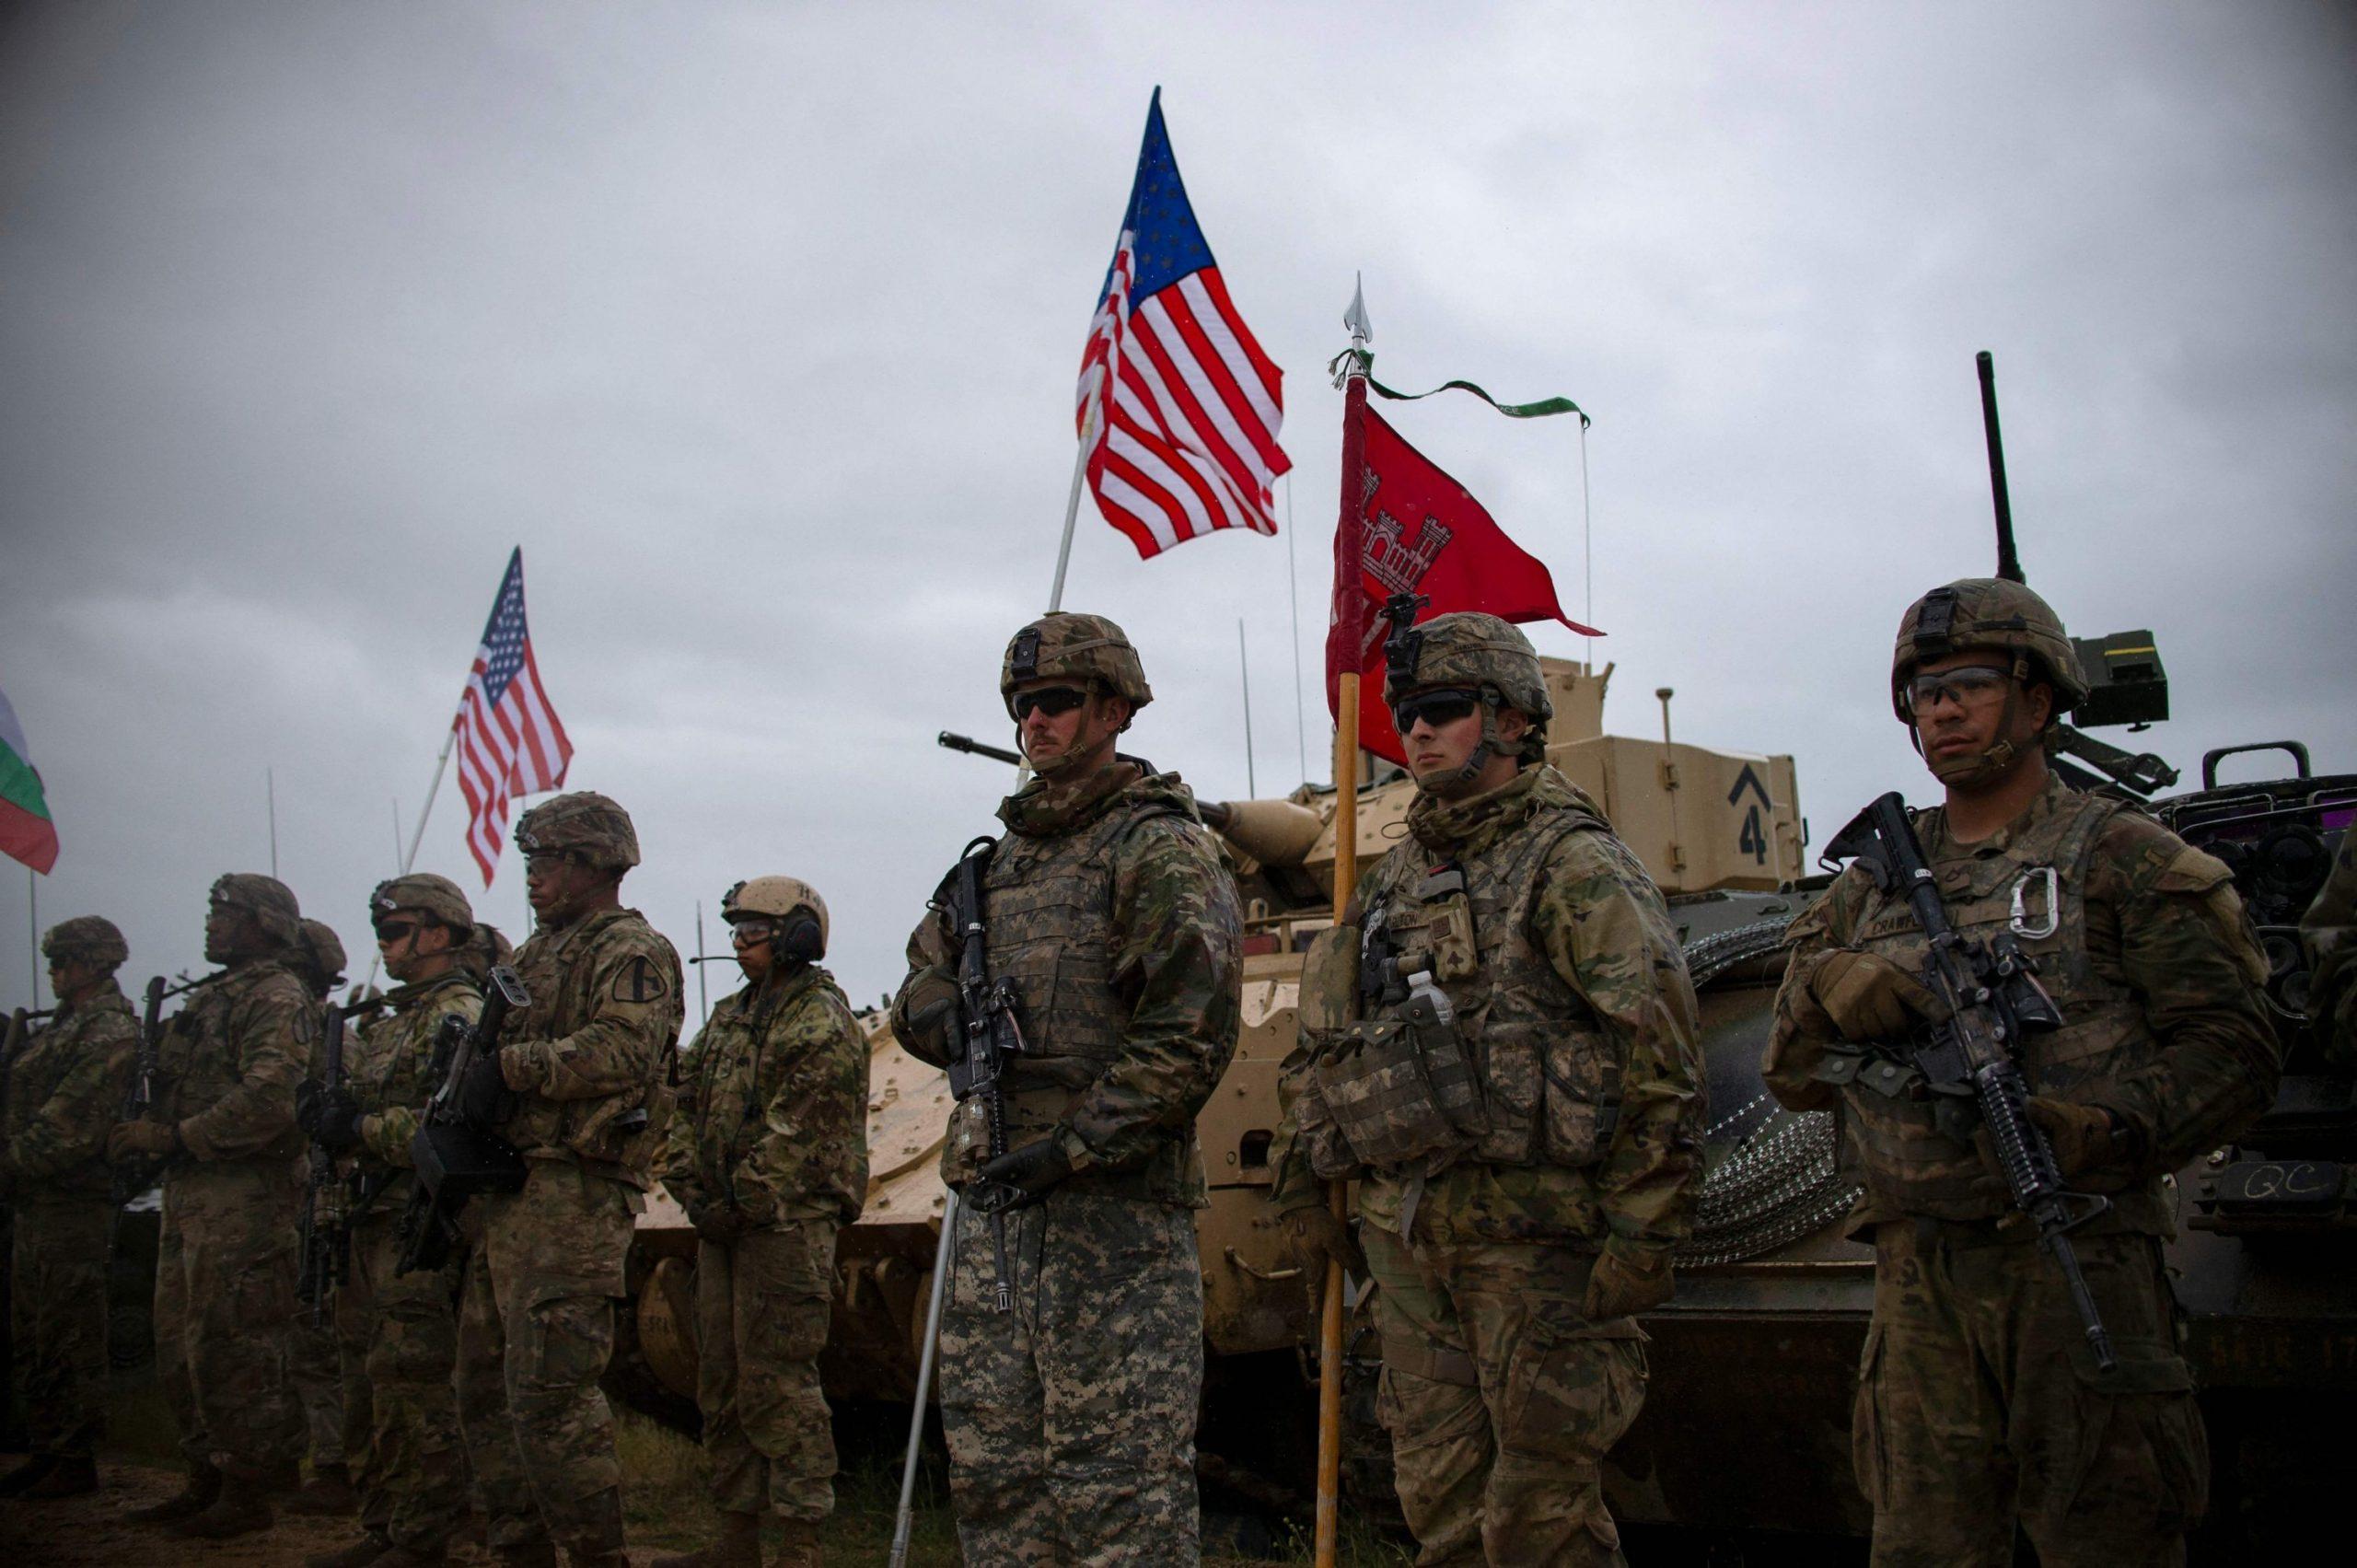 SHBA-ja zotohet për mbështetje të Kosovës në fushën e sigurisë dhe mbrojtjes